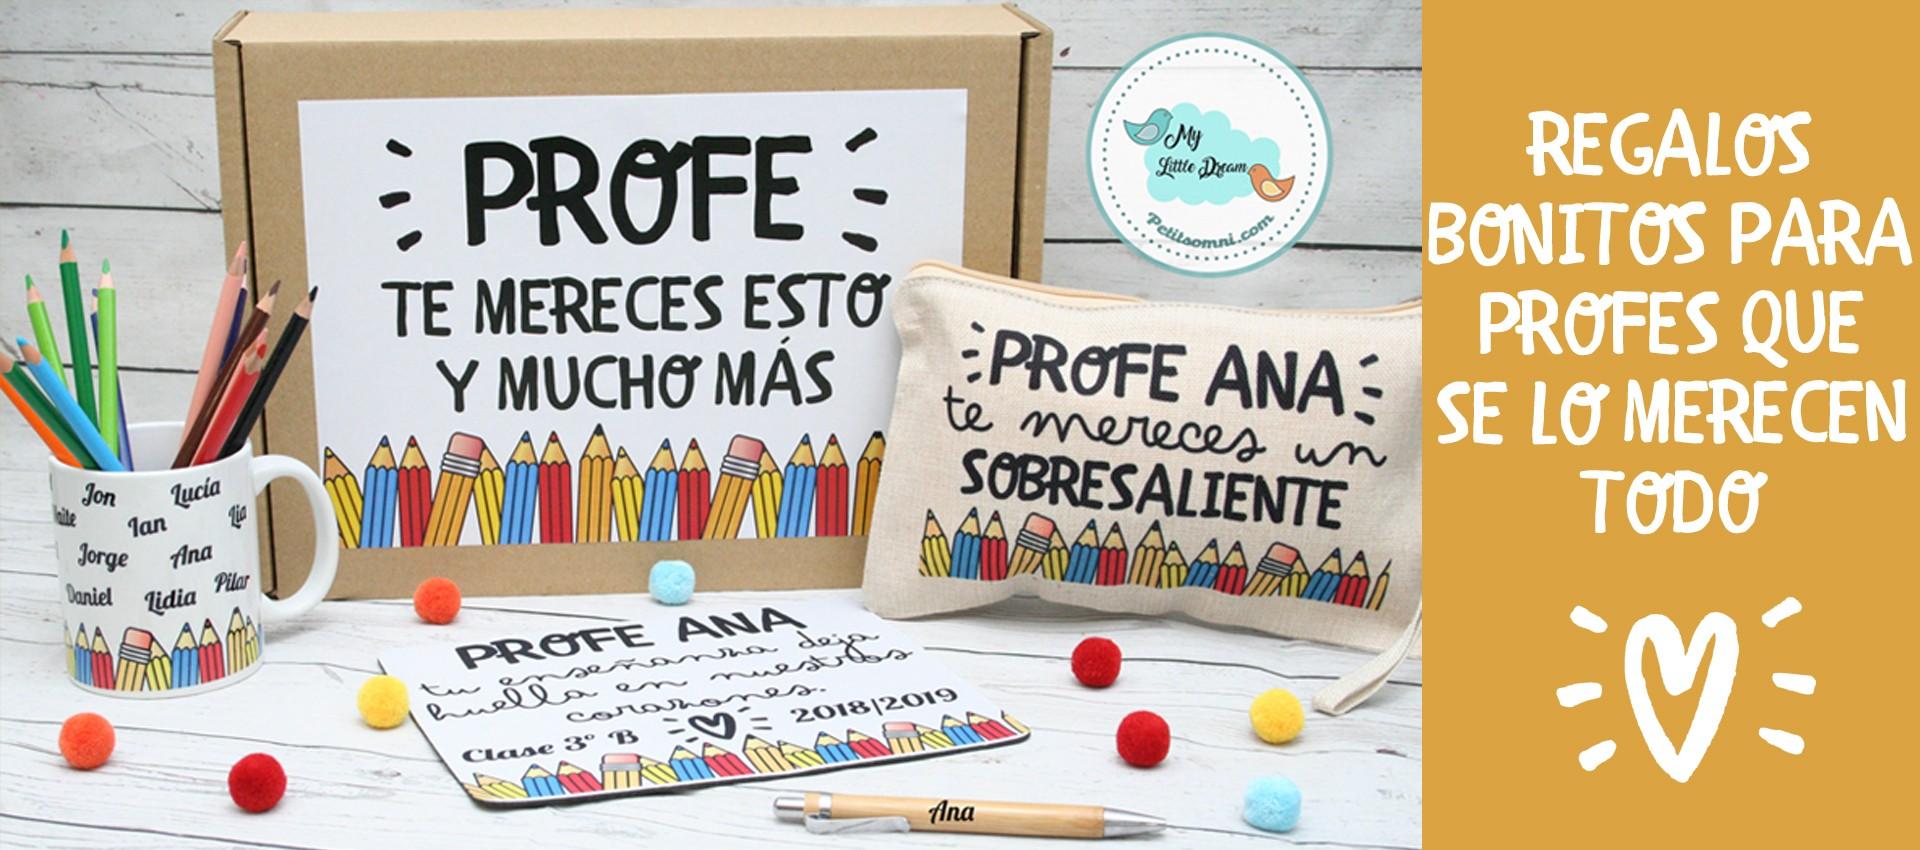 regalos para profesores y profesoras personalizado